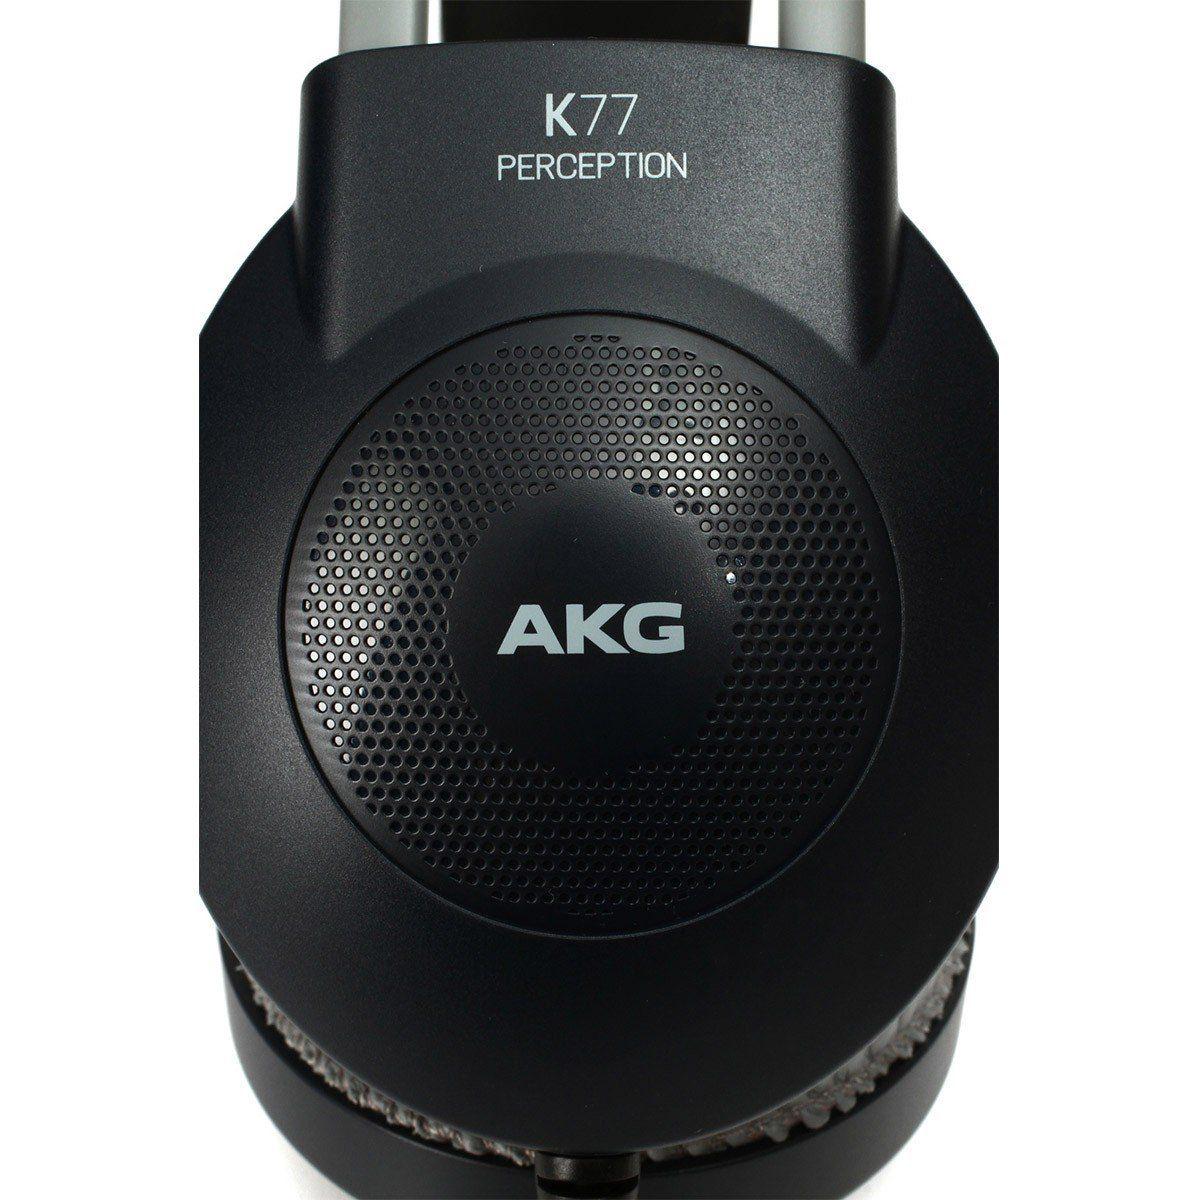 Akg K77 Fone de Ouvido K-77 Semi-Aberto para Home Studio e Uso Casual